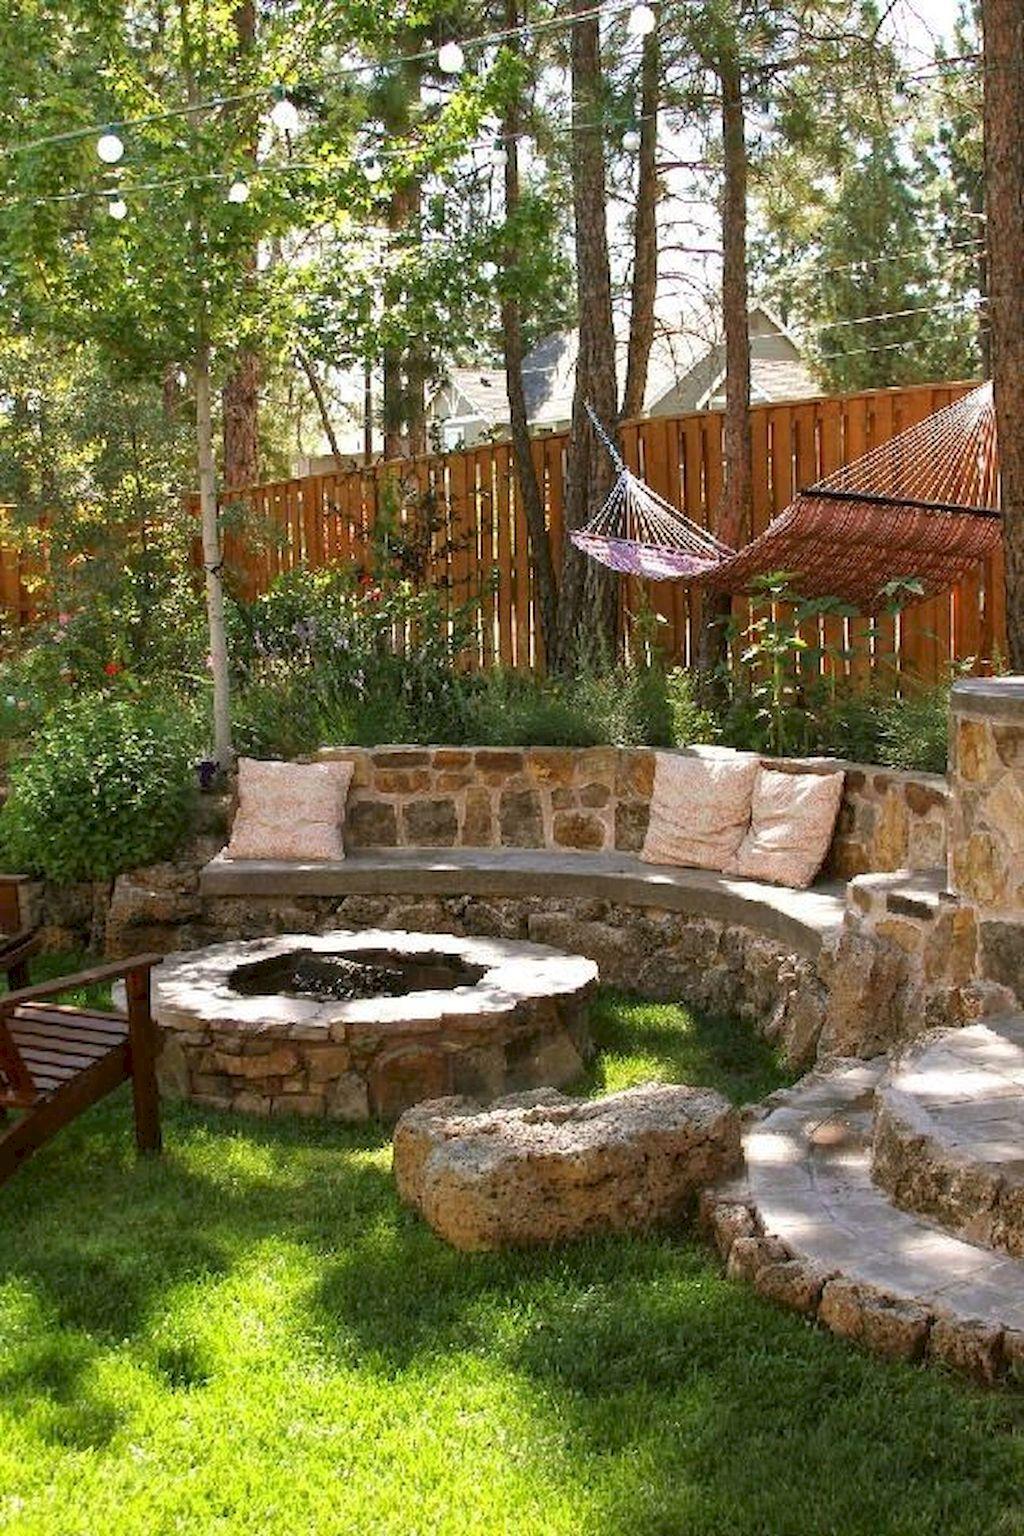 Backyard Fireplace132